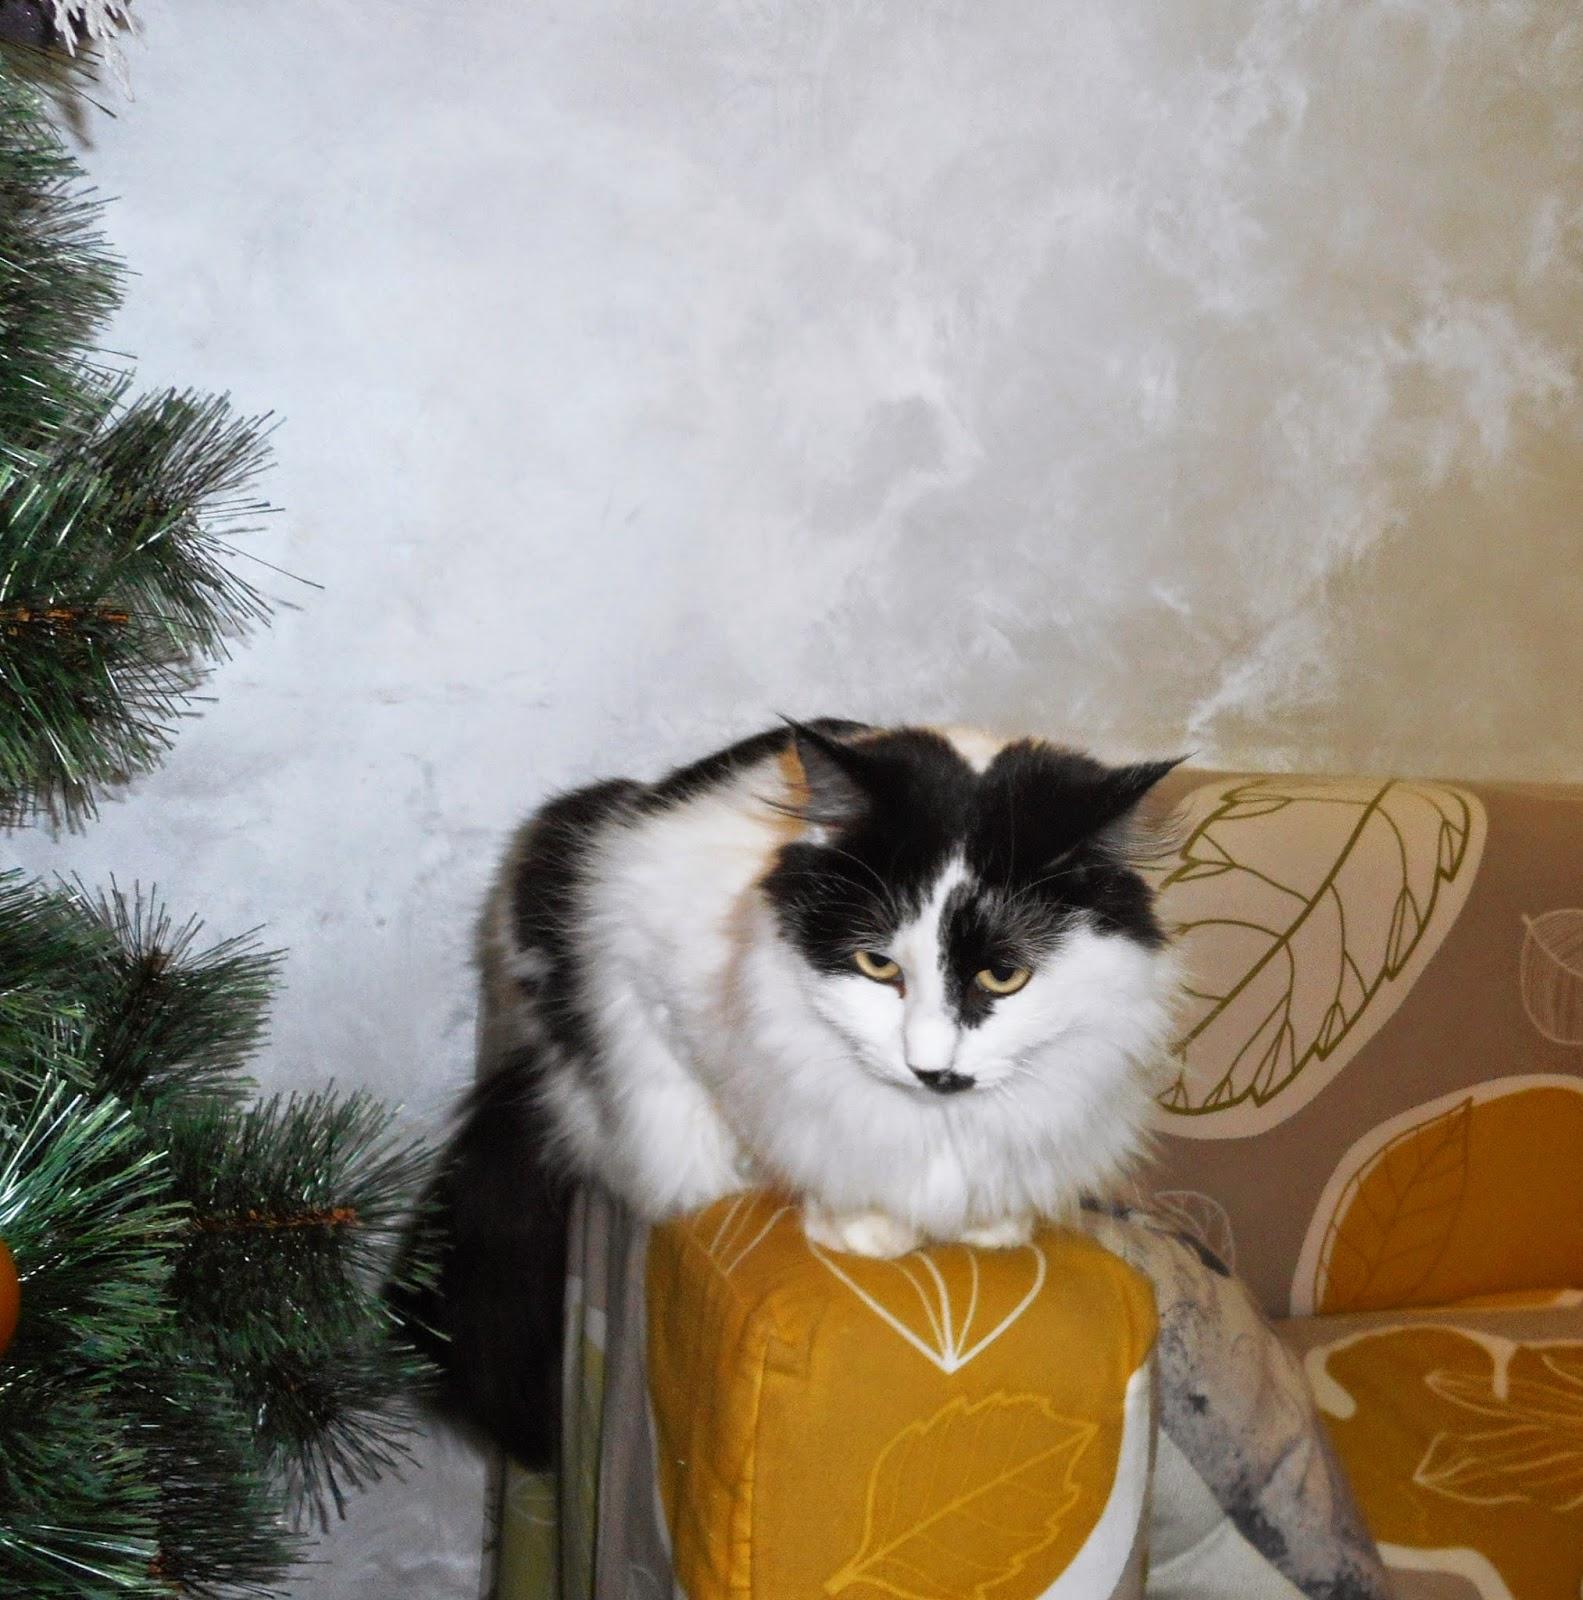 жительница кото - кафе